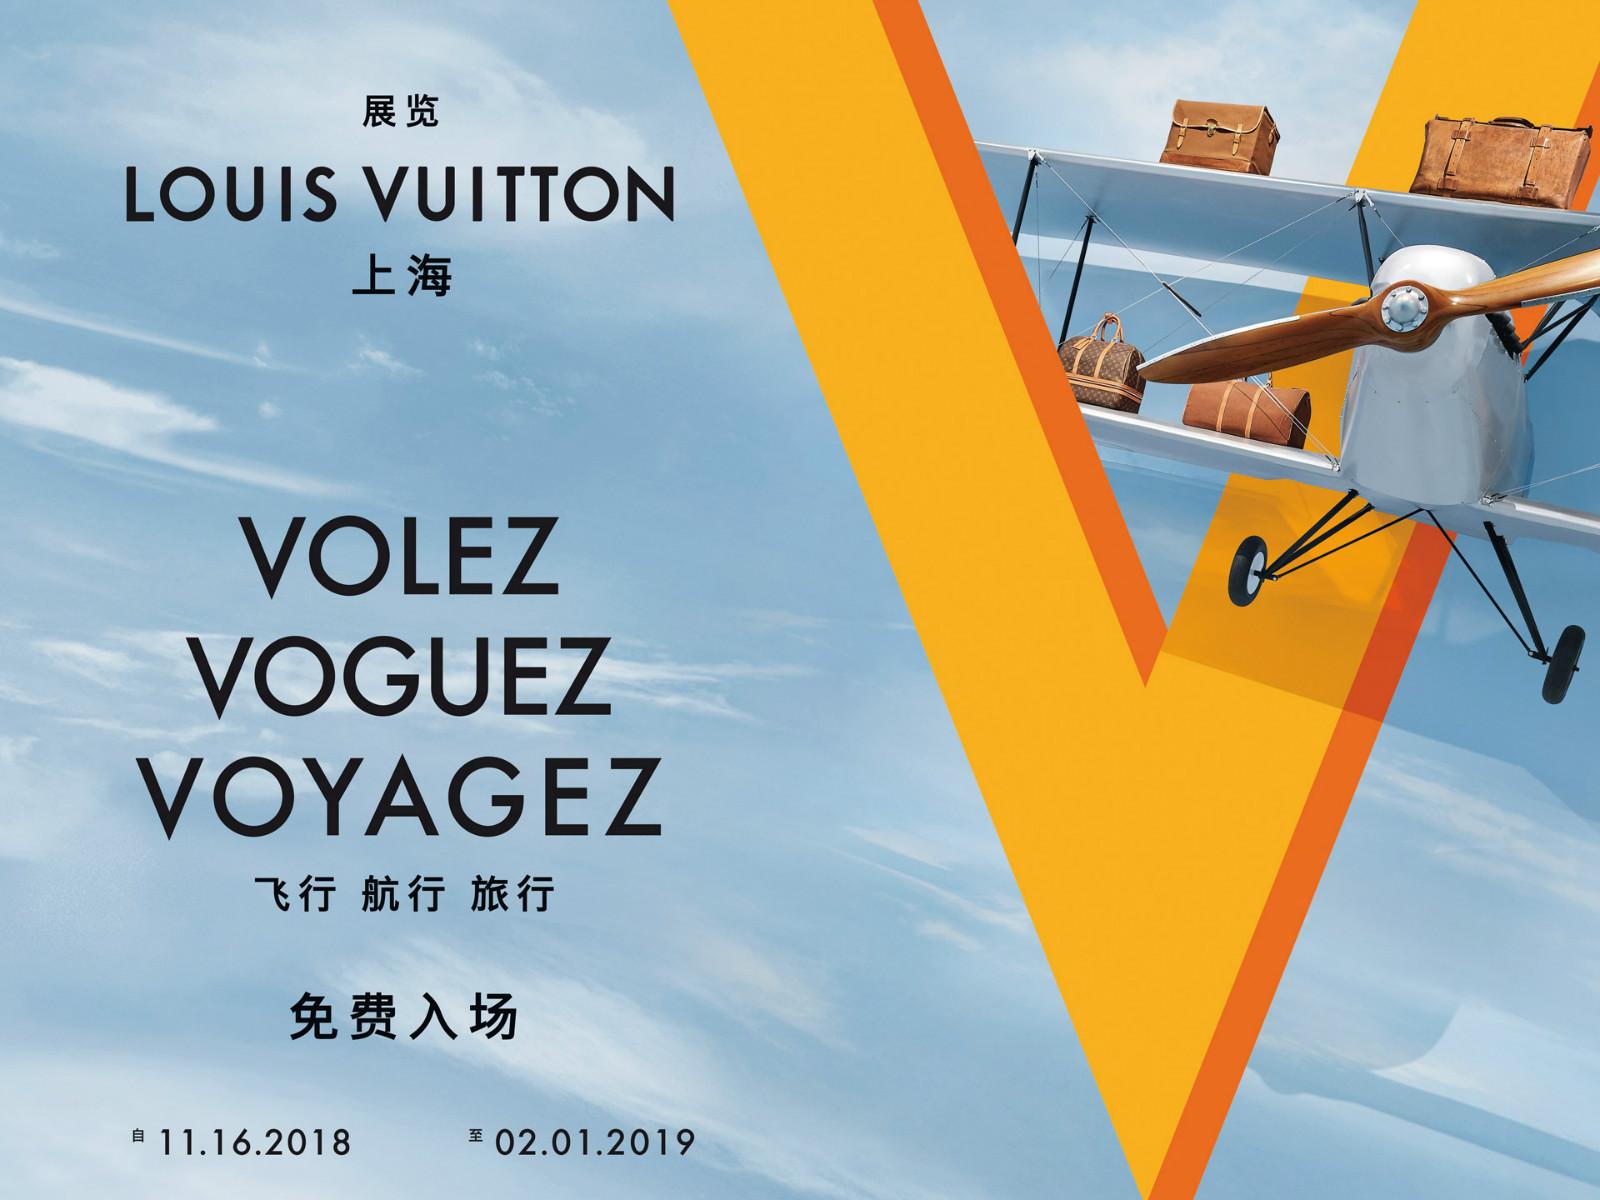 """深度丨27万人次观展!路易威登在上海举办""""博物馆""""级别大展为何能获得空前反响"""